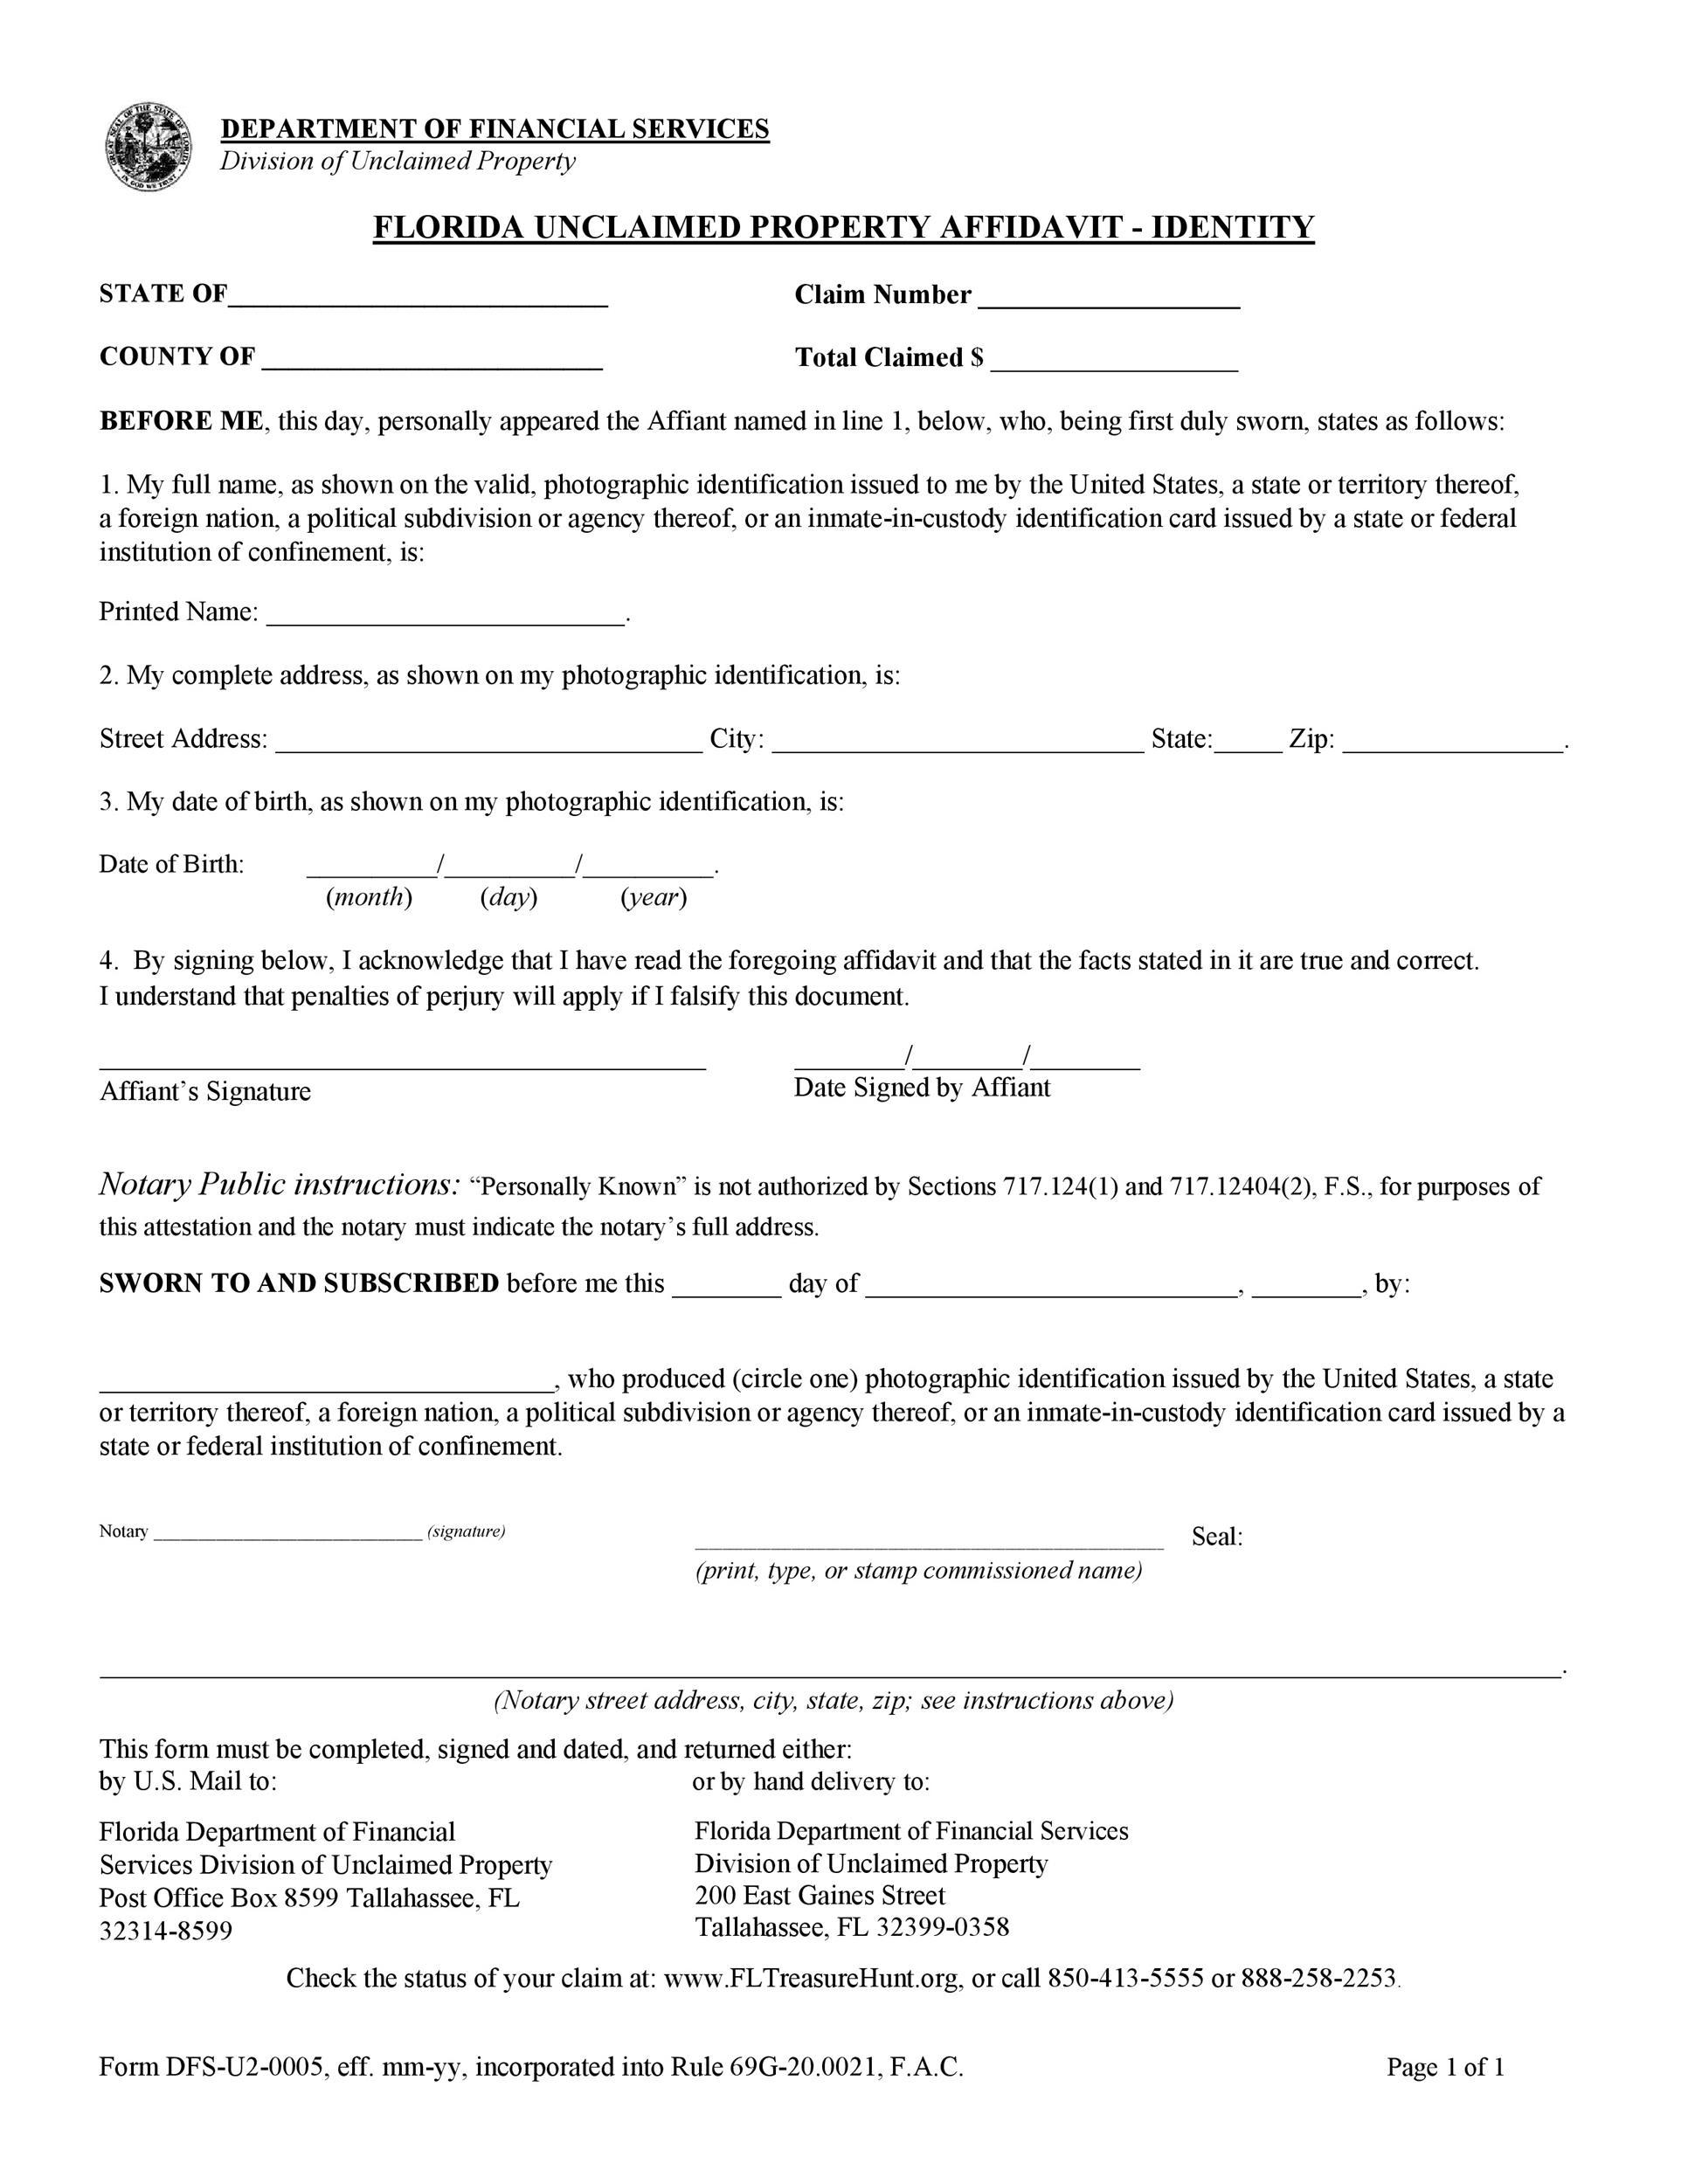 Free affidavit of identity 39